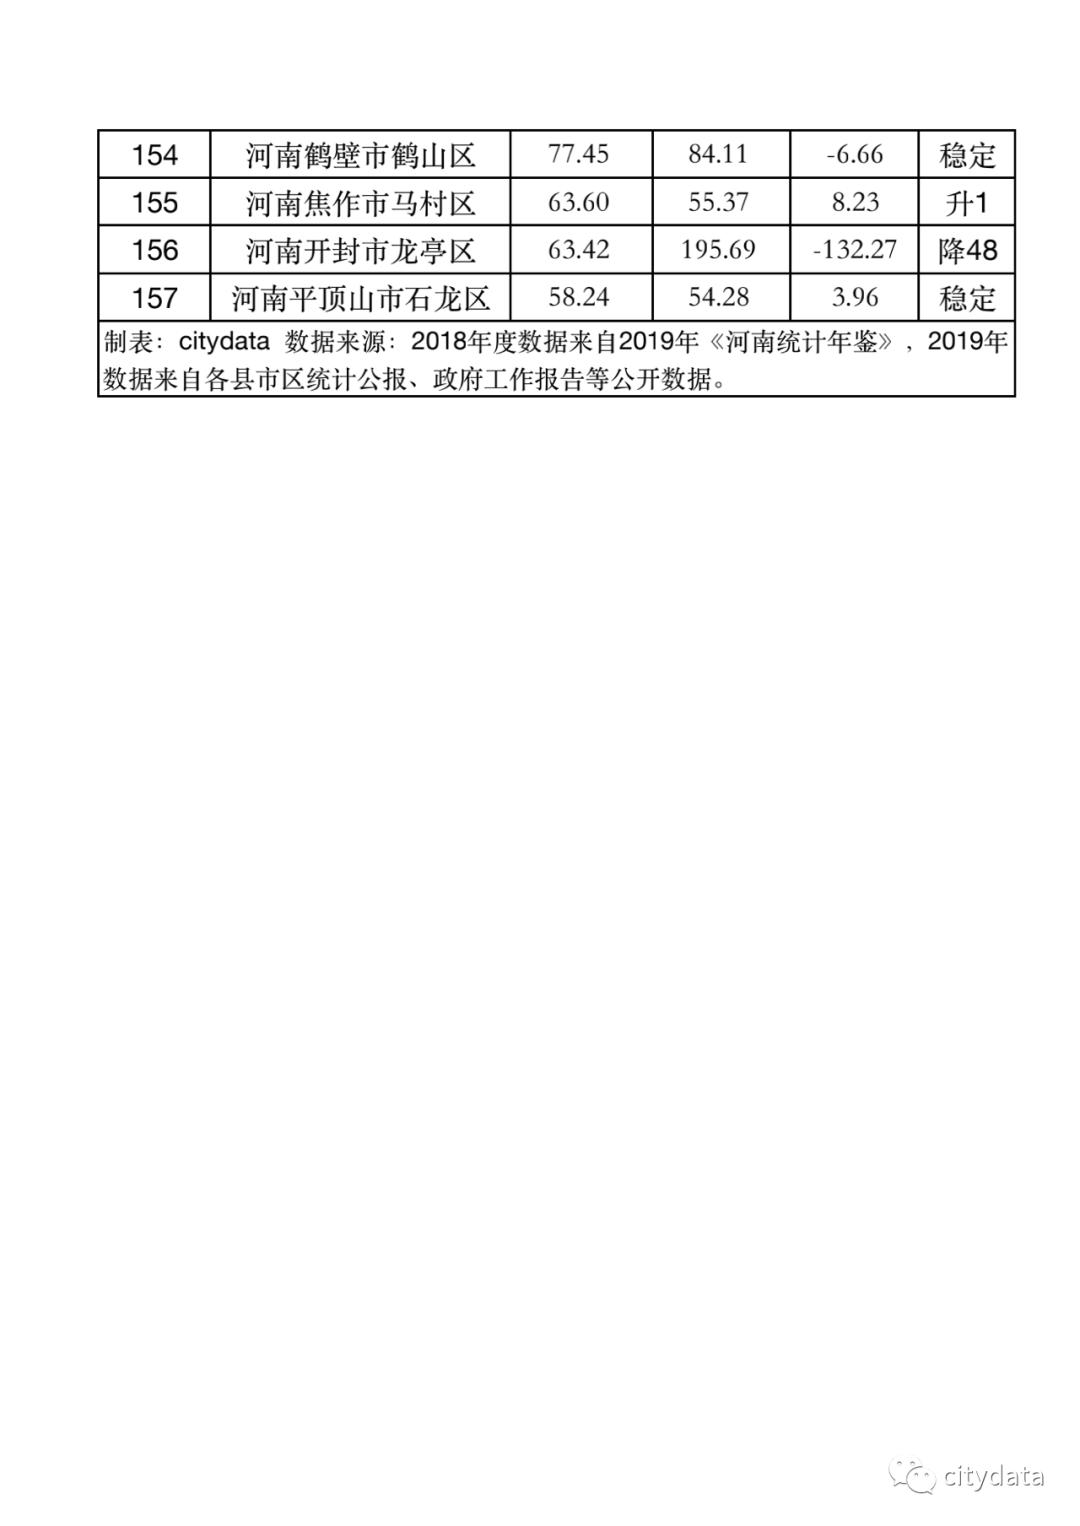 河南2021各县市gdp排名_河南牧业经济学院排名